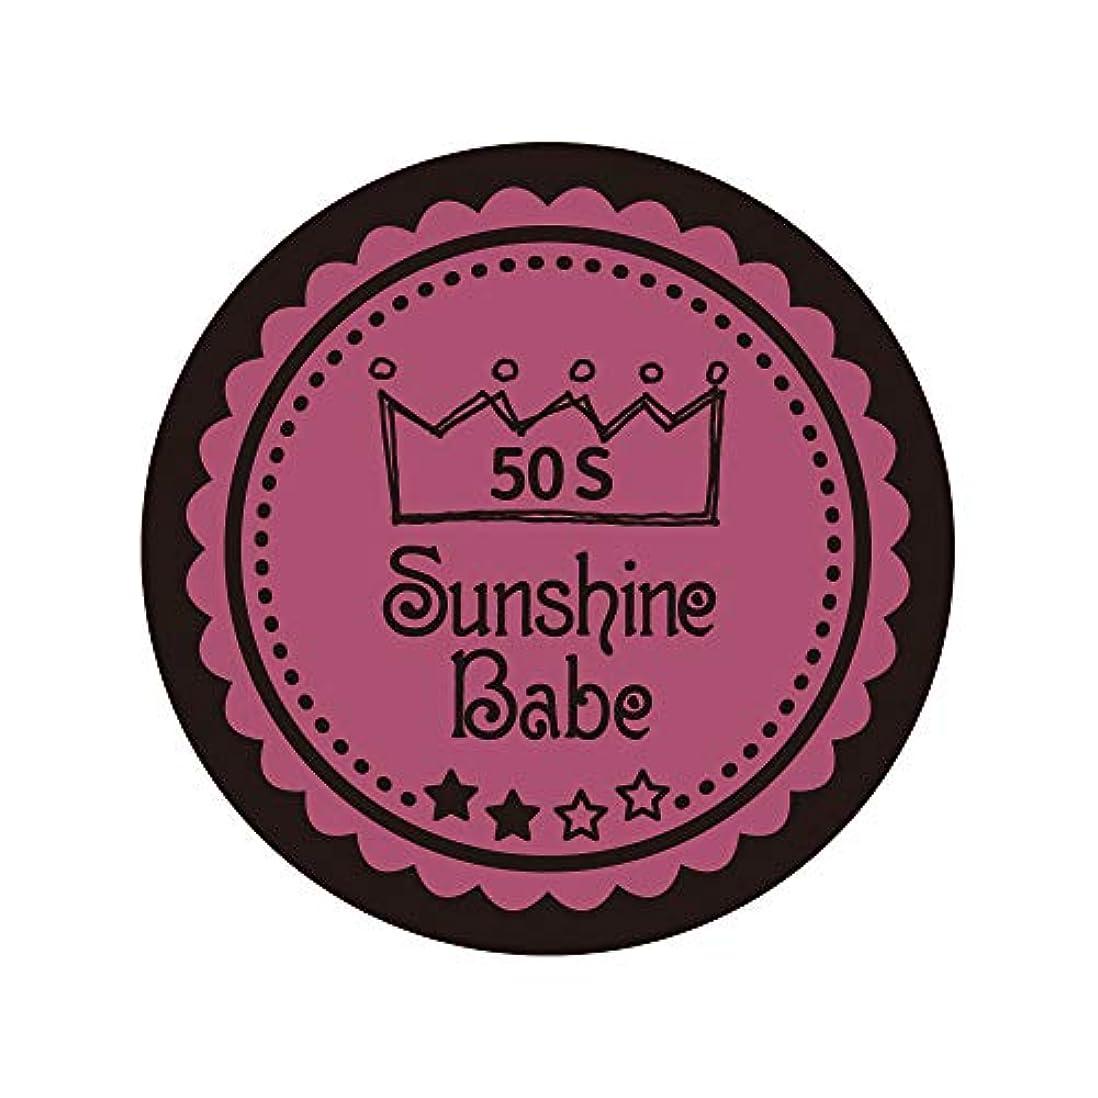 仲介者健全復活Sunshine Babe カラージェル 50S ベイクドピンク 2.7g UV/LED対応